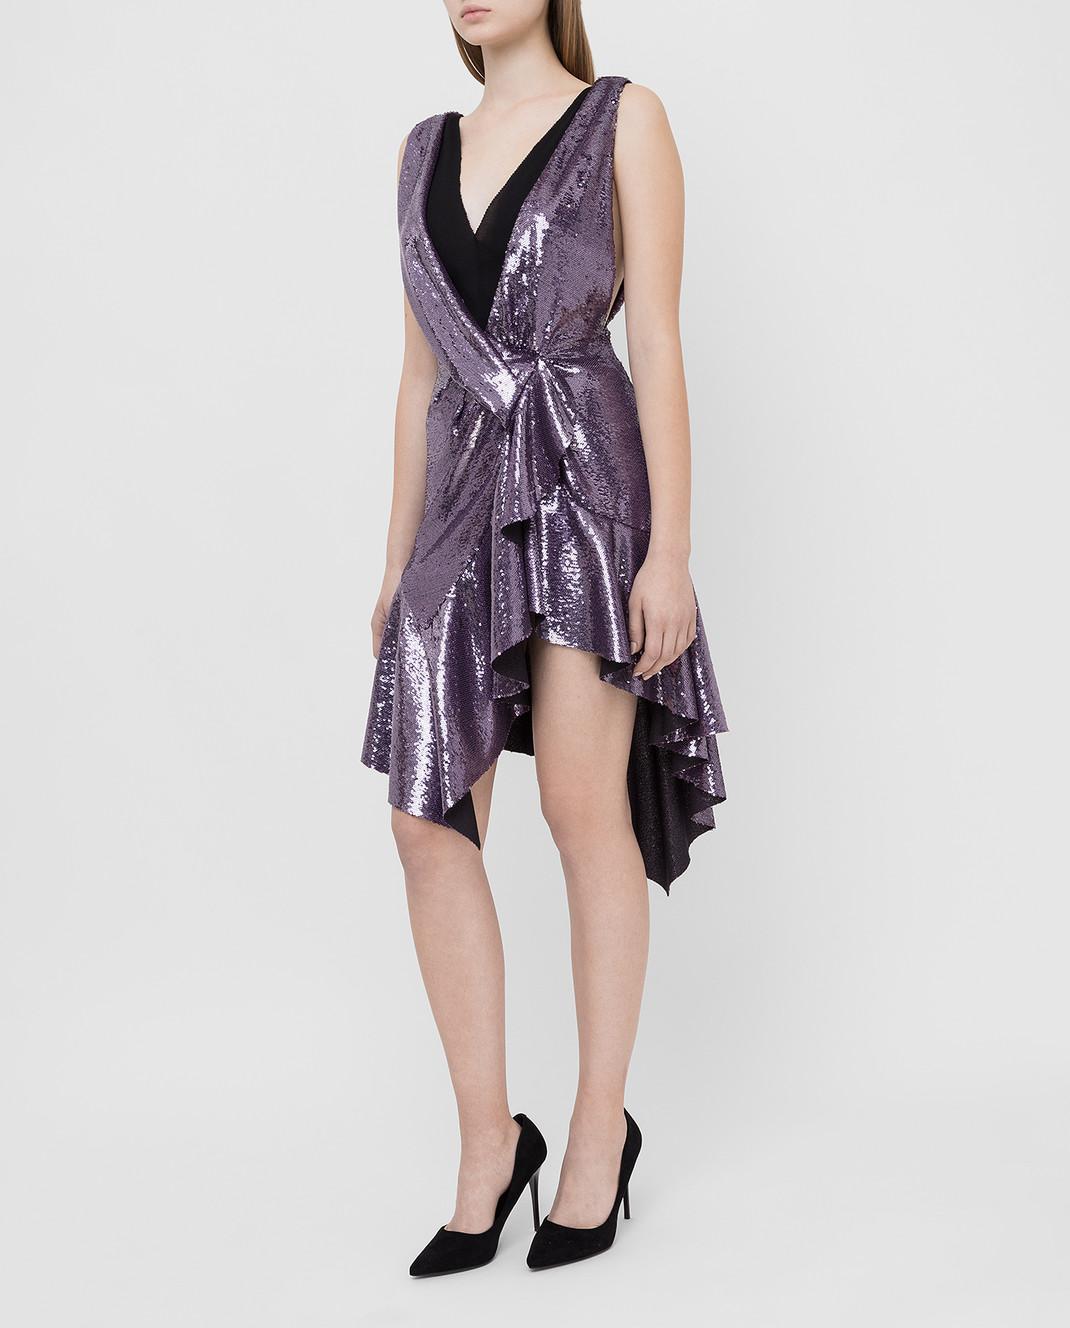 Philosophy di Lorenzo Serafini Фиолетовое платье в пайетках изображение 3